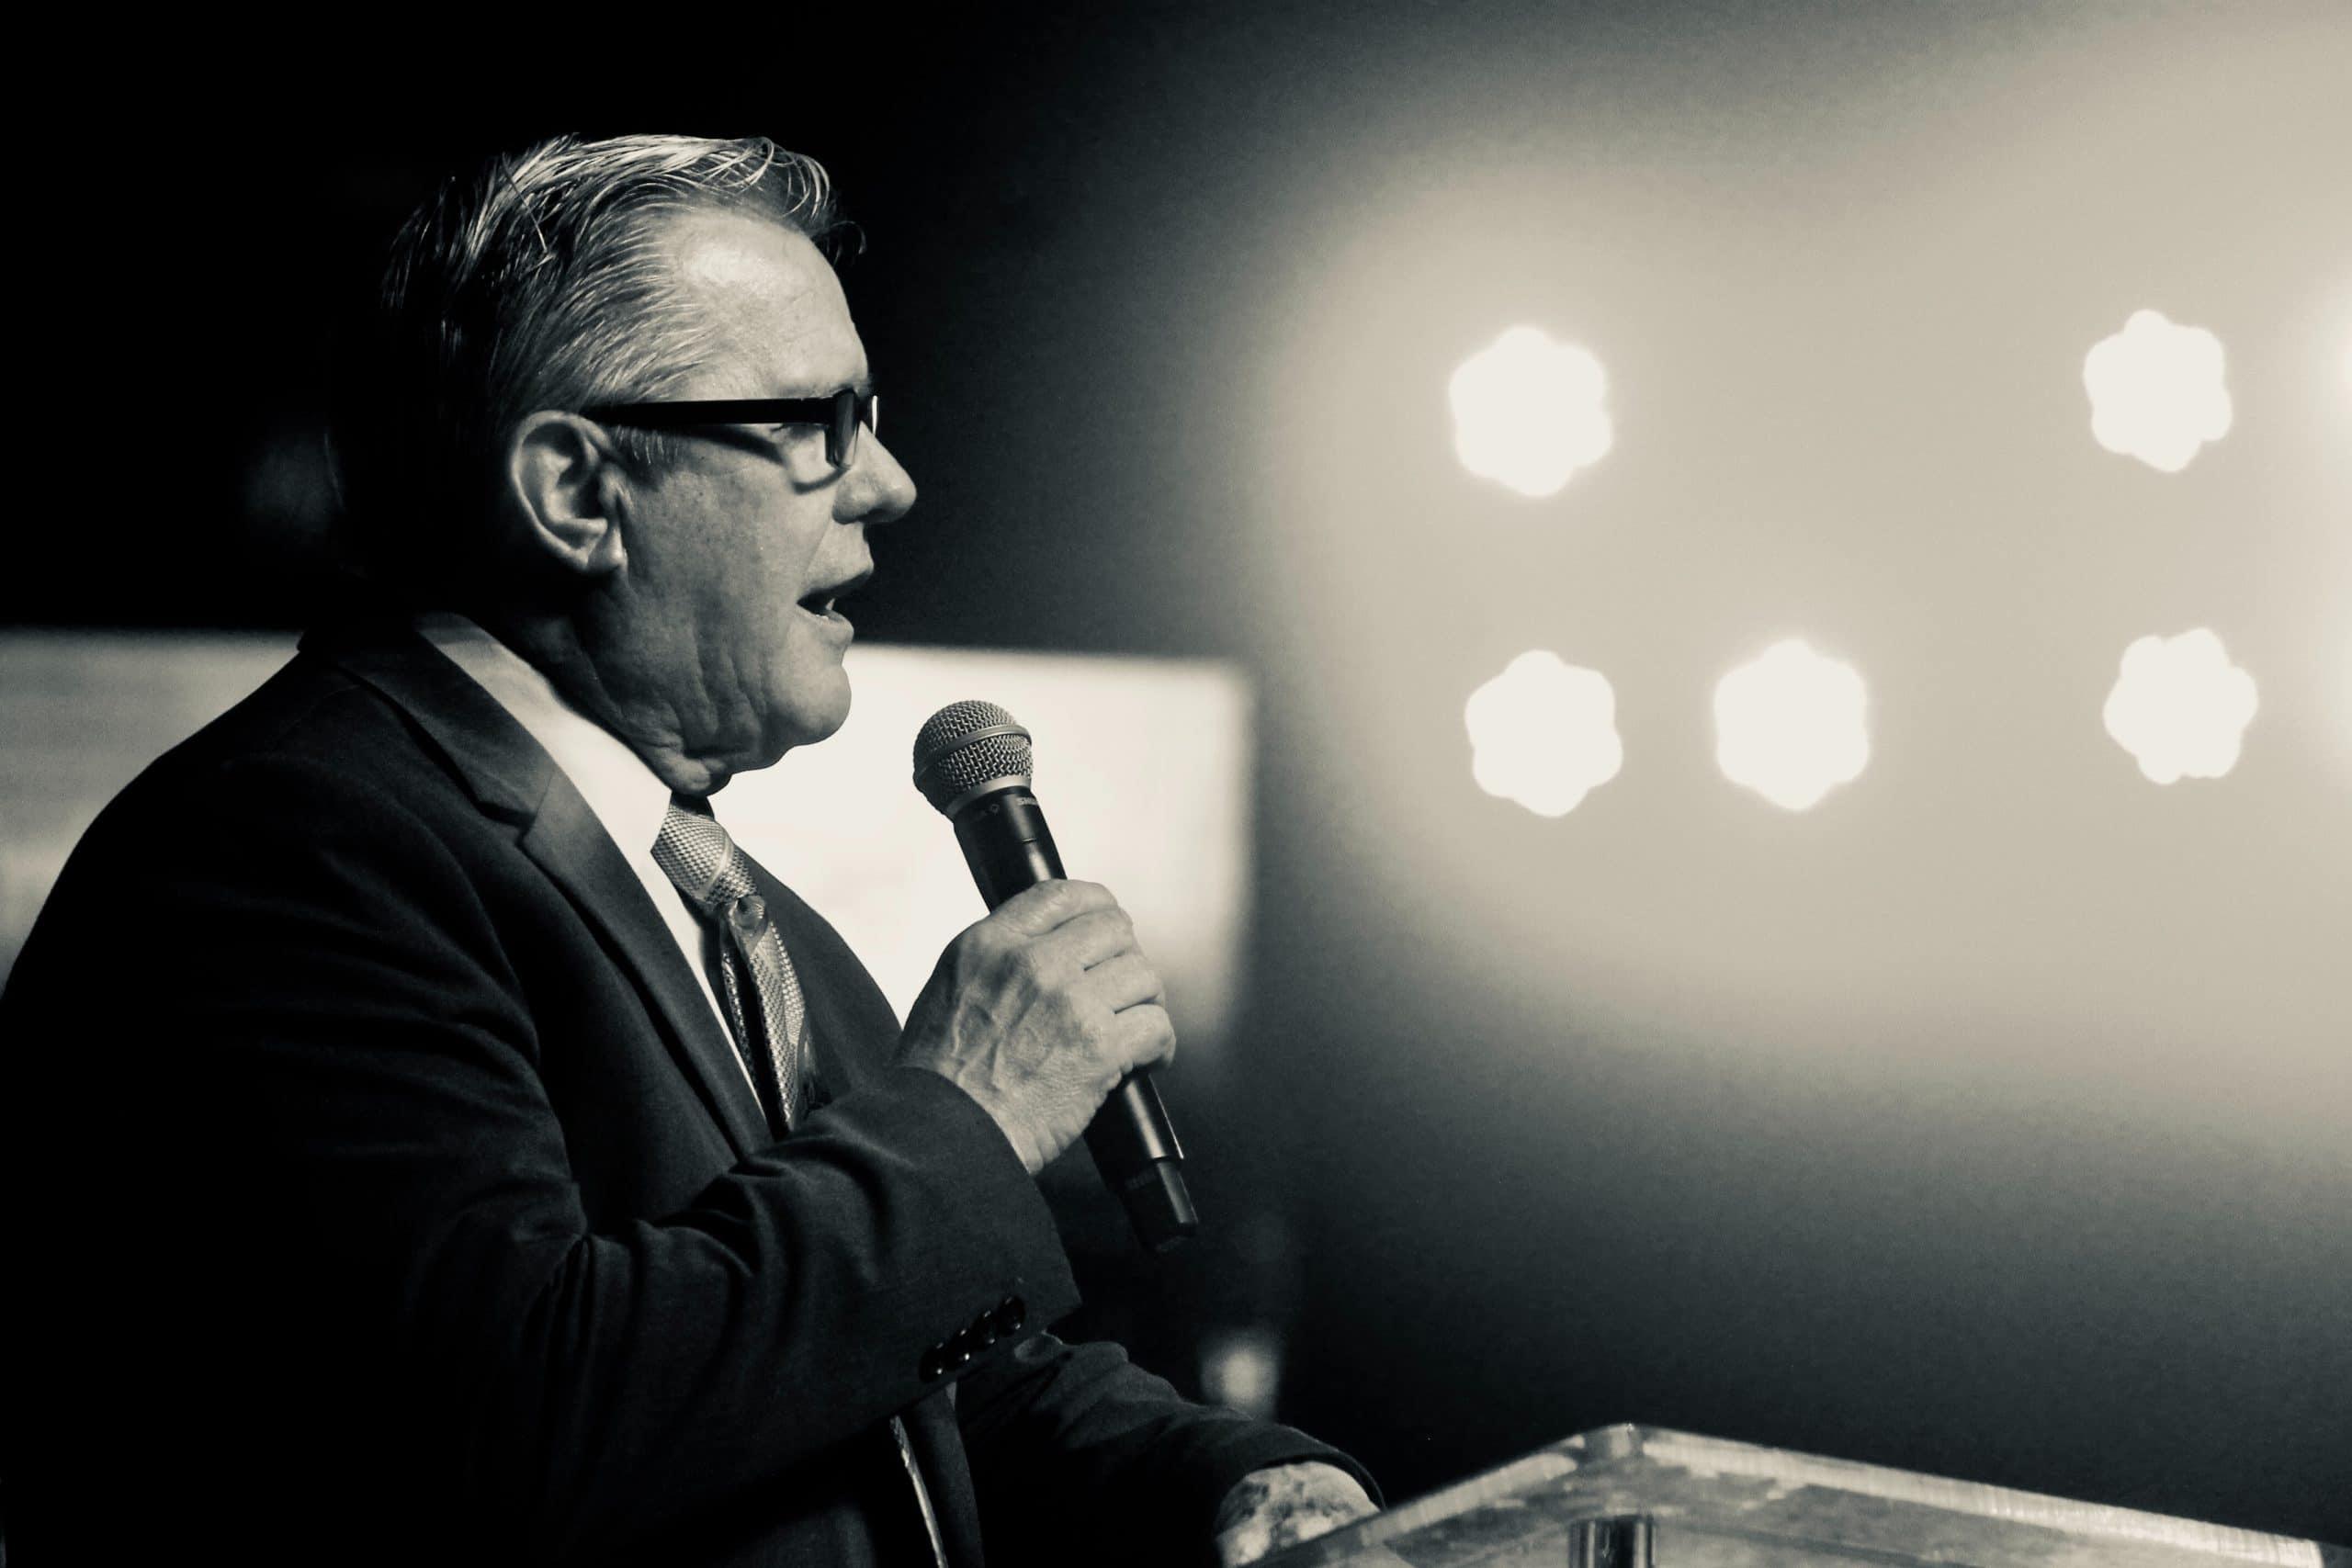 Homem fazer discurso no microfone.